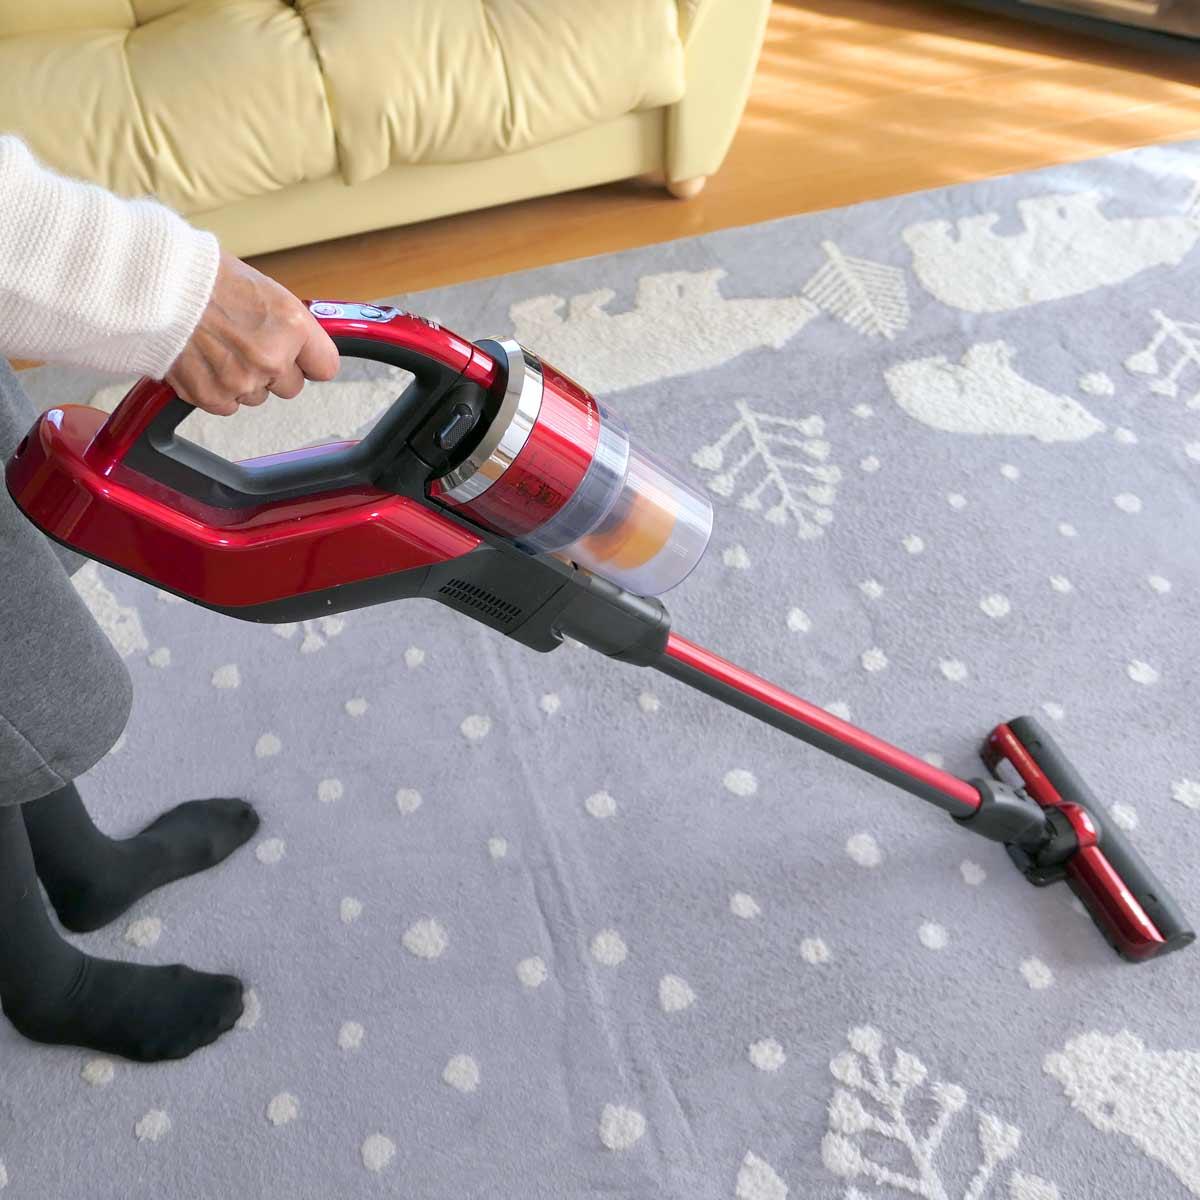 子育て家庭やペットのいる家に激推し! 東芝のスティック掃除機「トルネオV コードレス」